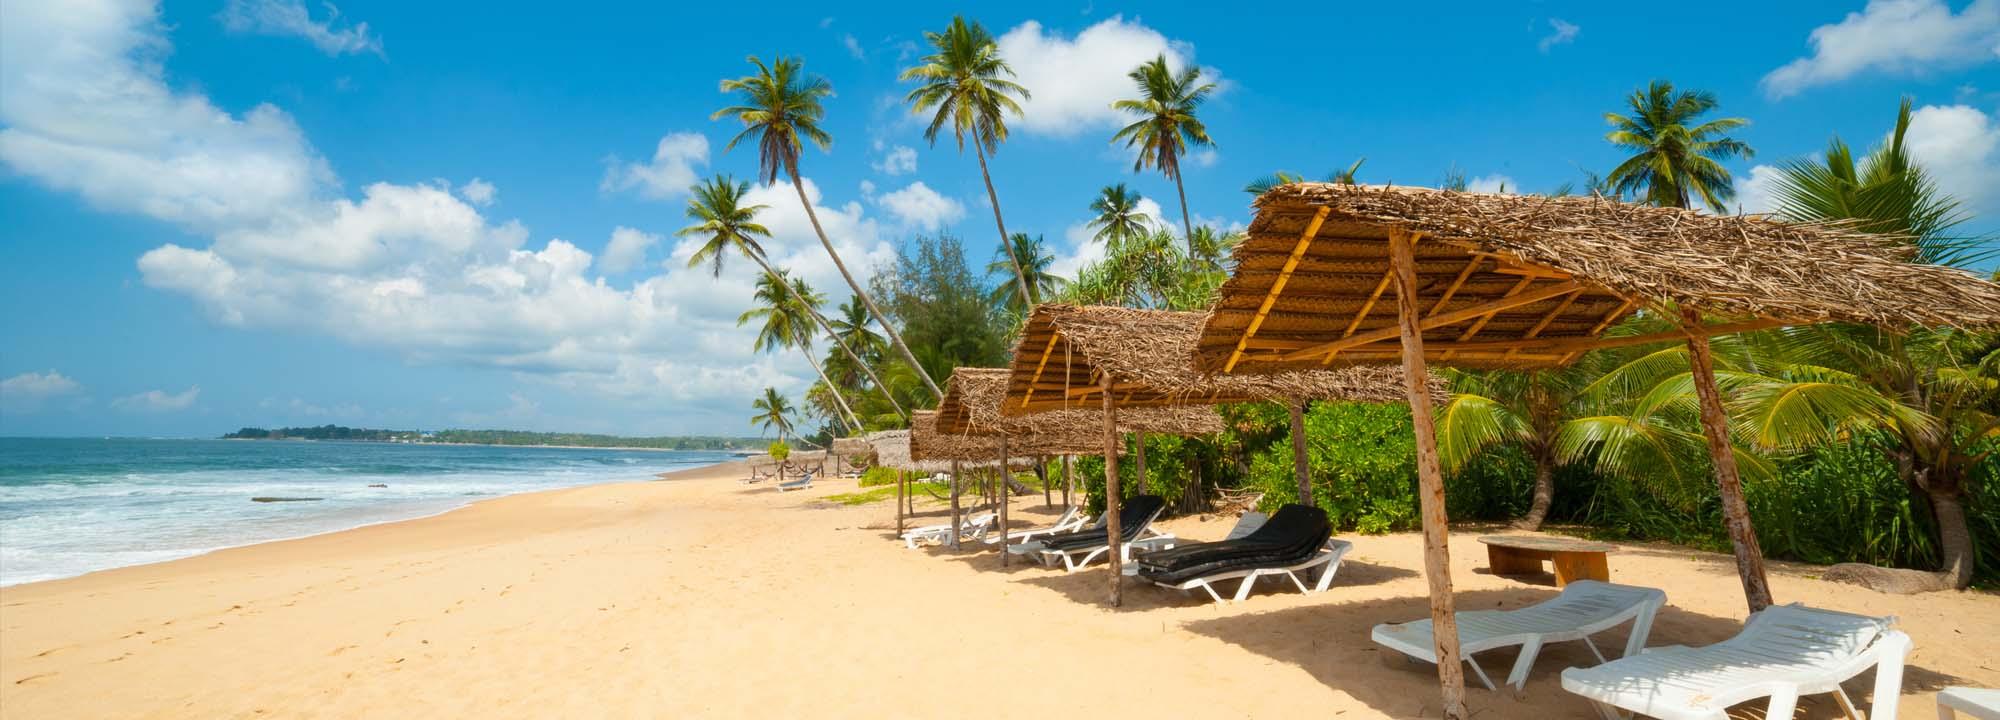 Pláž na Srí Lance